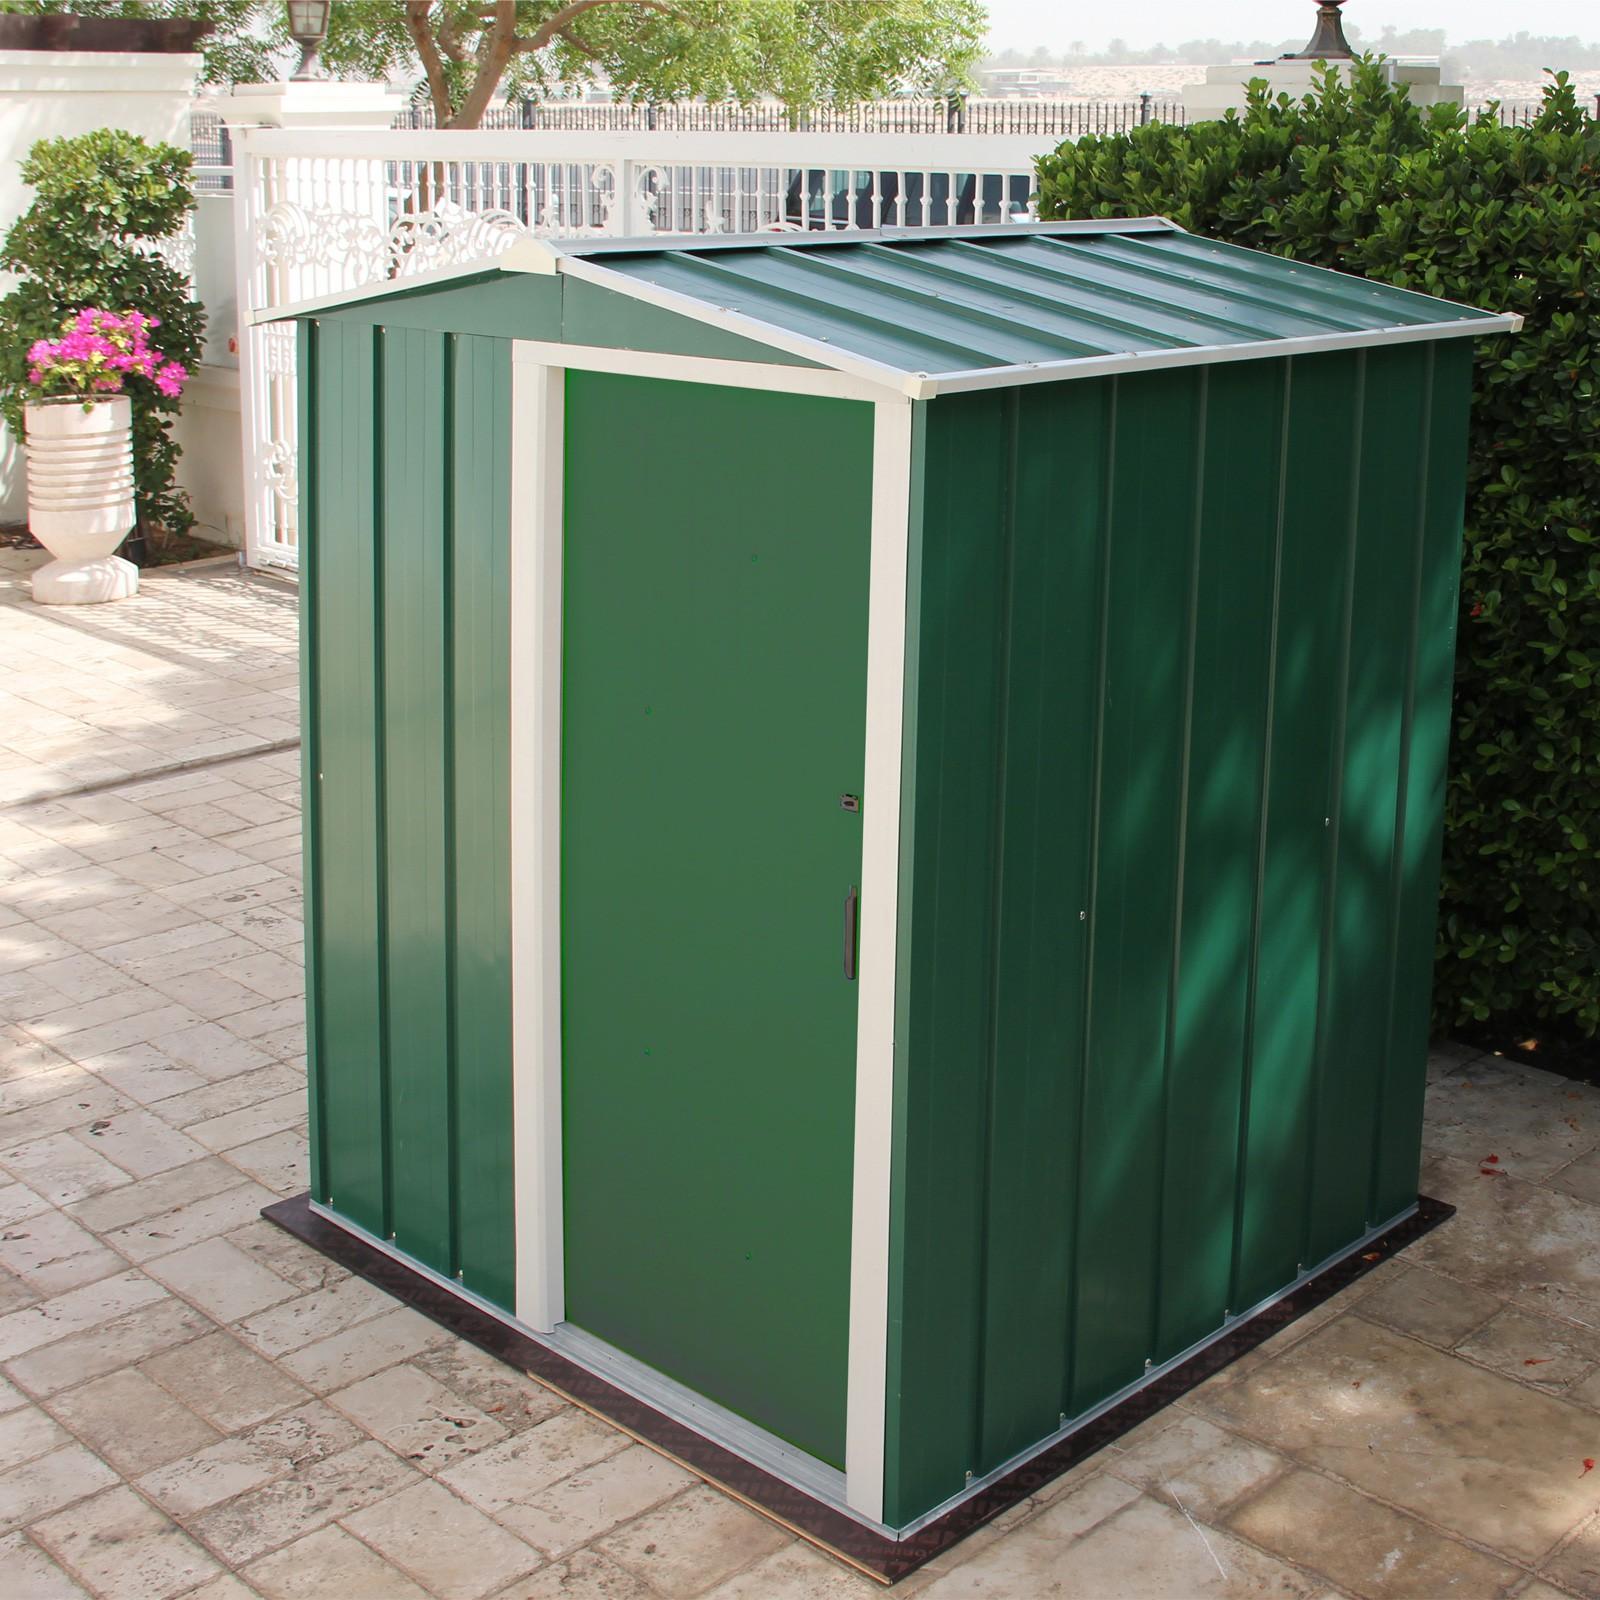 tepro metall ger tehaus eco 5x4 gartenhaus ger teschuppen. Black Bedroom Furniture Sets. Home Design Ideas